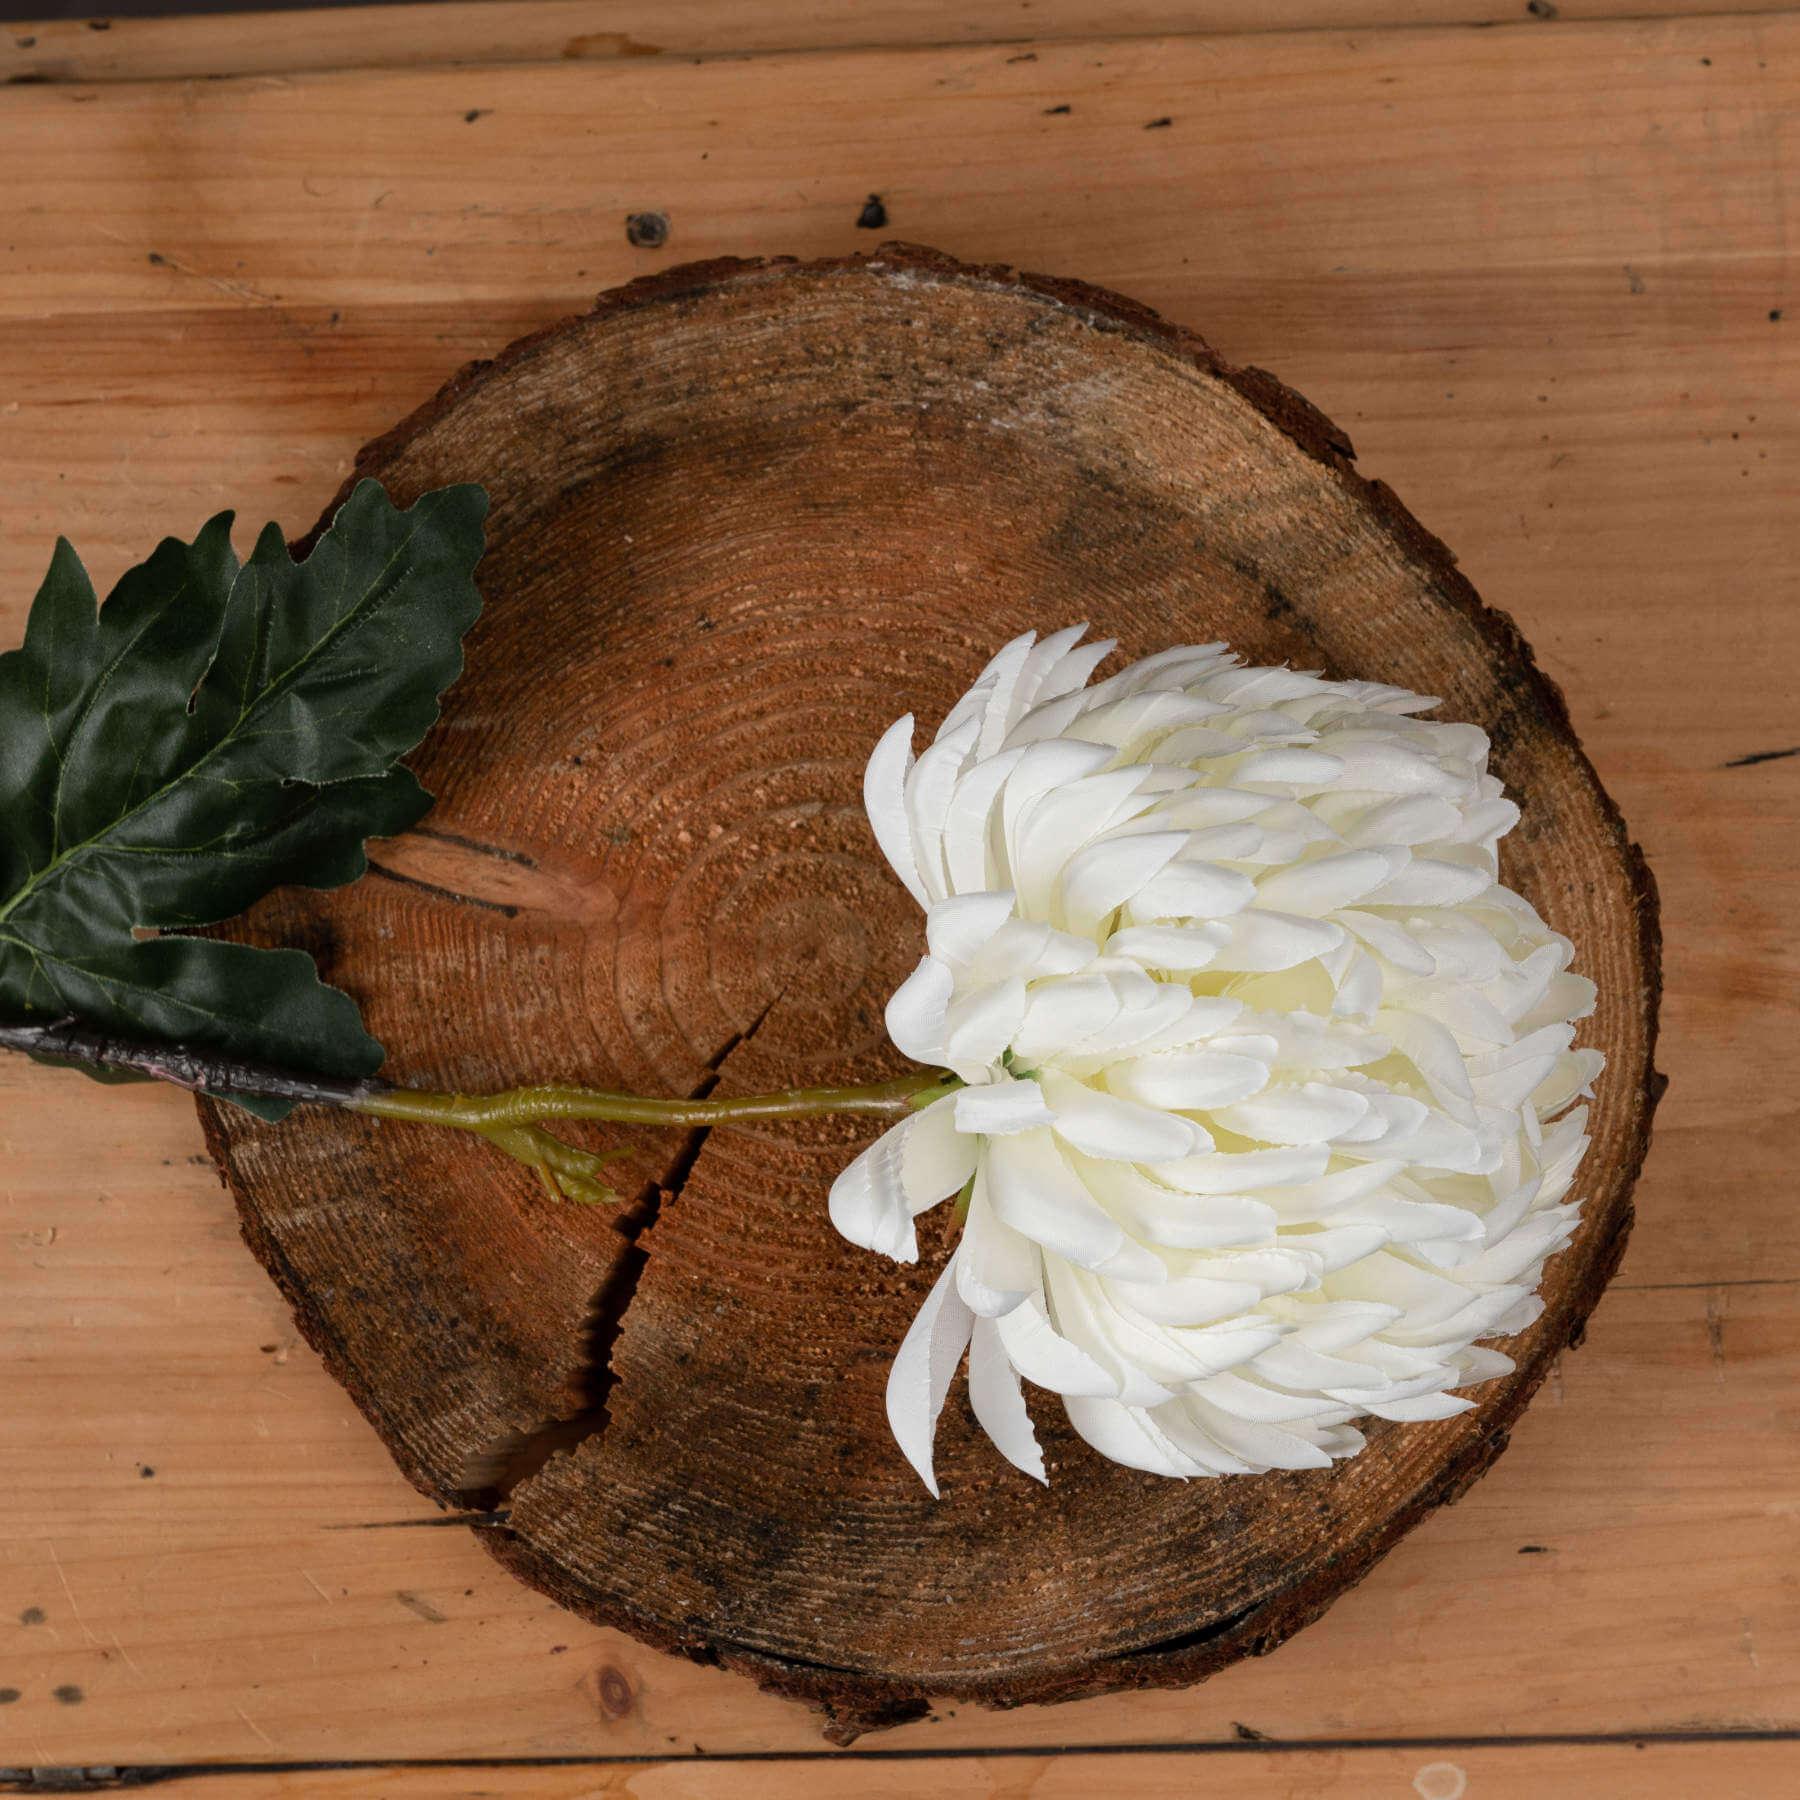 Large White Chrysanthemum